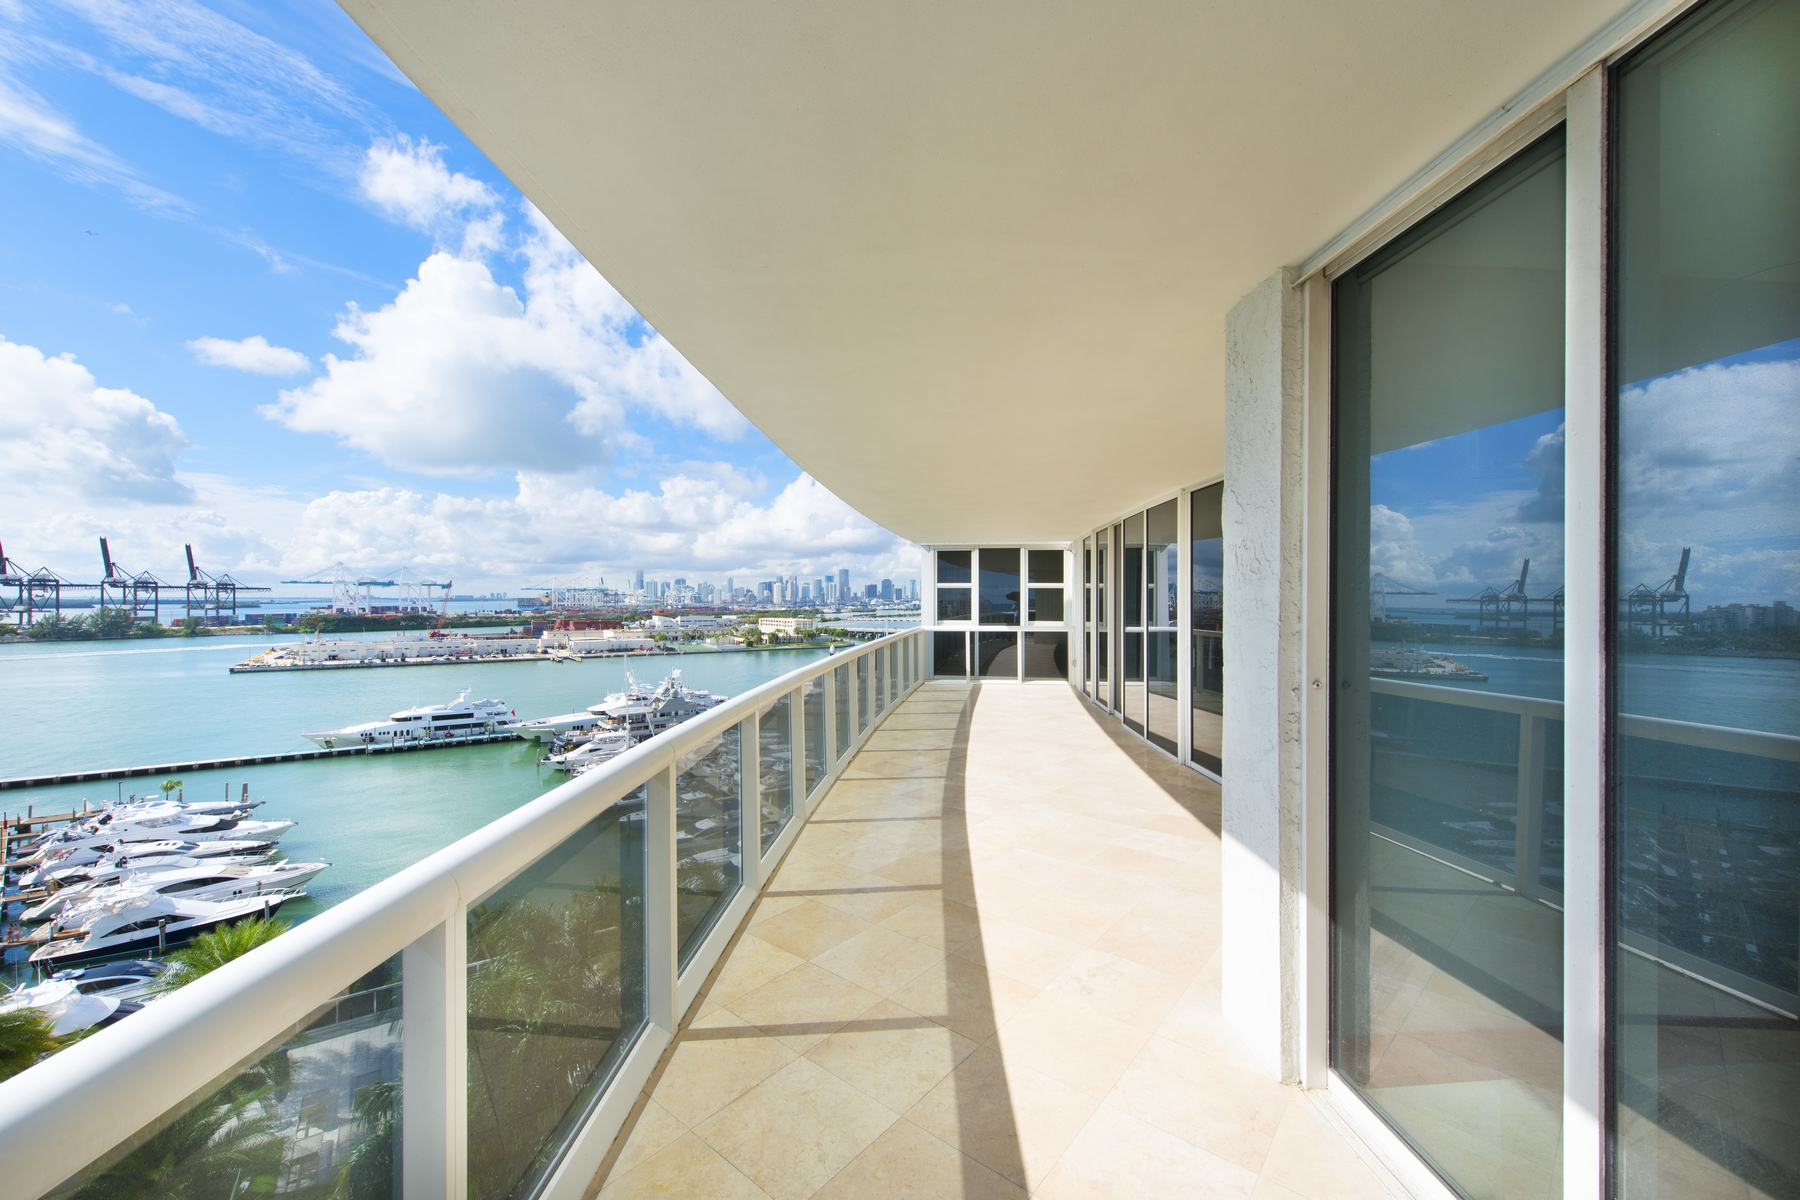 Кондоминиум для того Продажа на 400 Alton Rd #1106 400 Alton Rd 1106 Miami Beach, Флорида, 33139 Соединенные Штаты